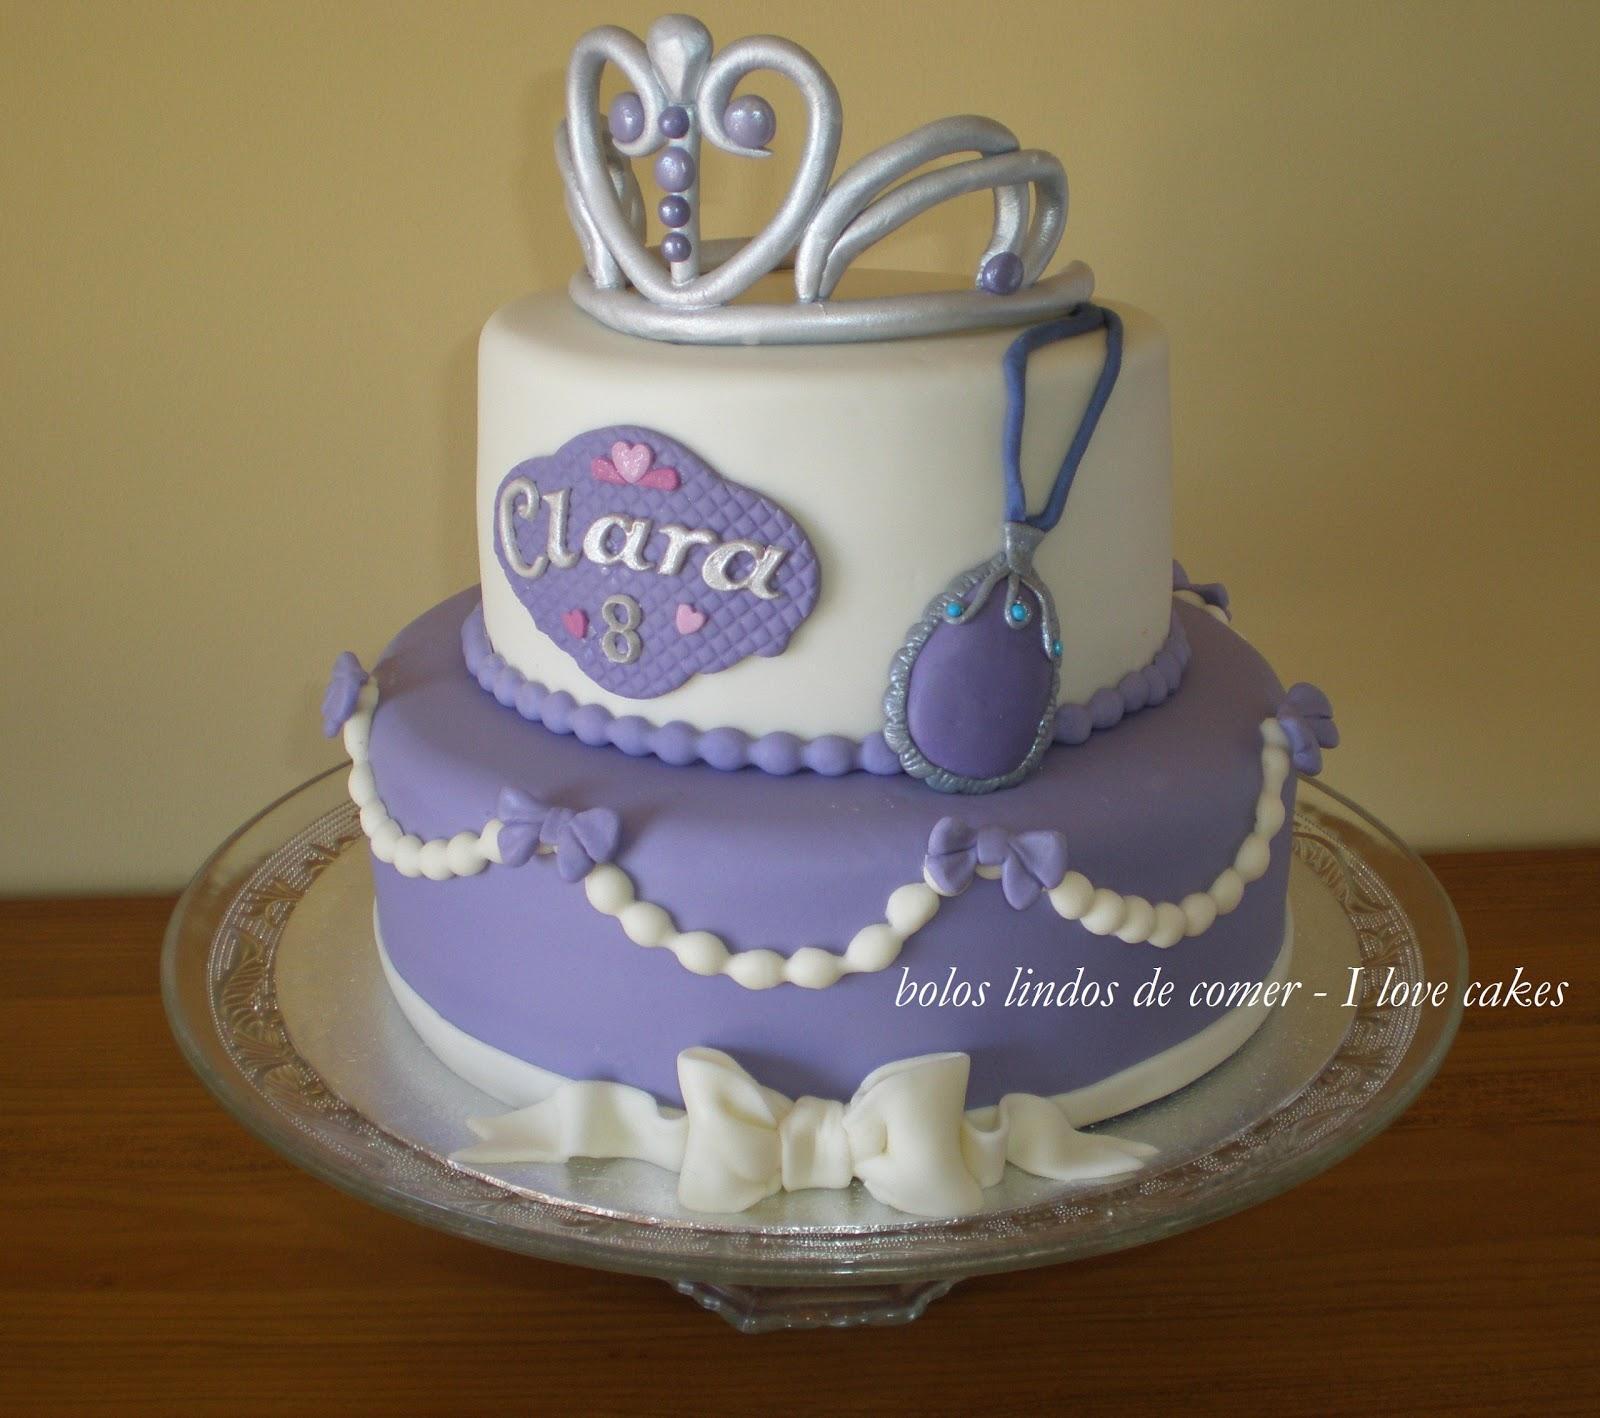 bolos lindos de comer bolo princesa sofia ii princess sofia cake ii. Black Bedroom Furniture Sets. Home Design Ideas